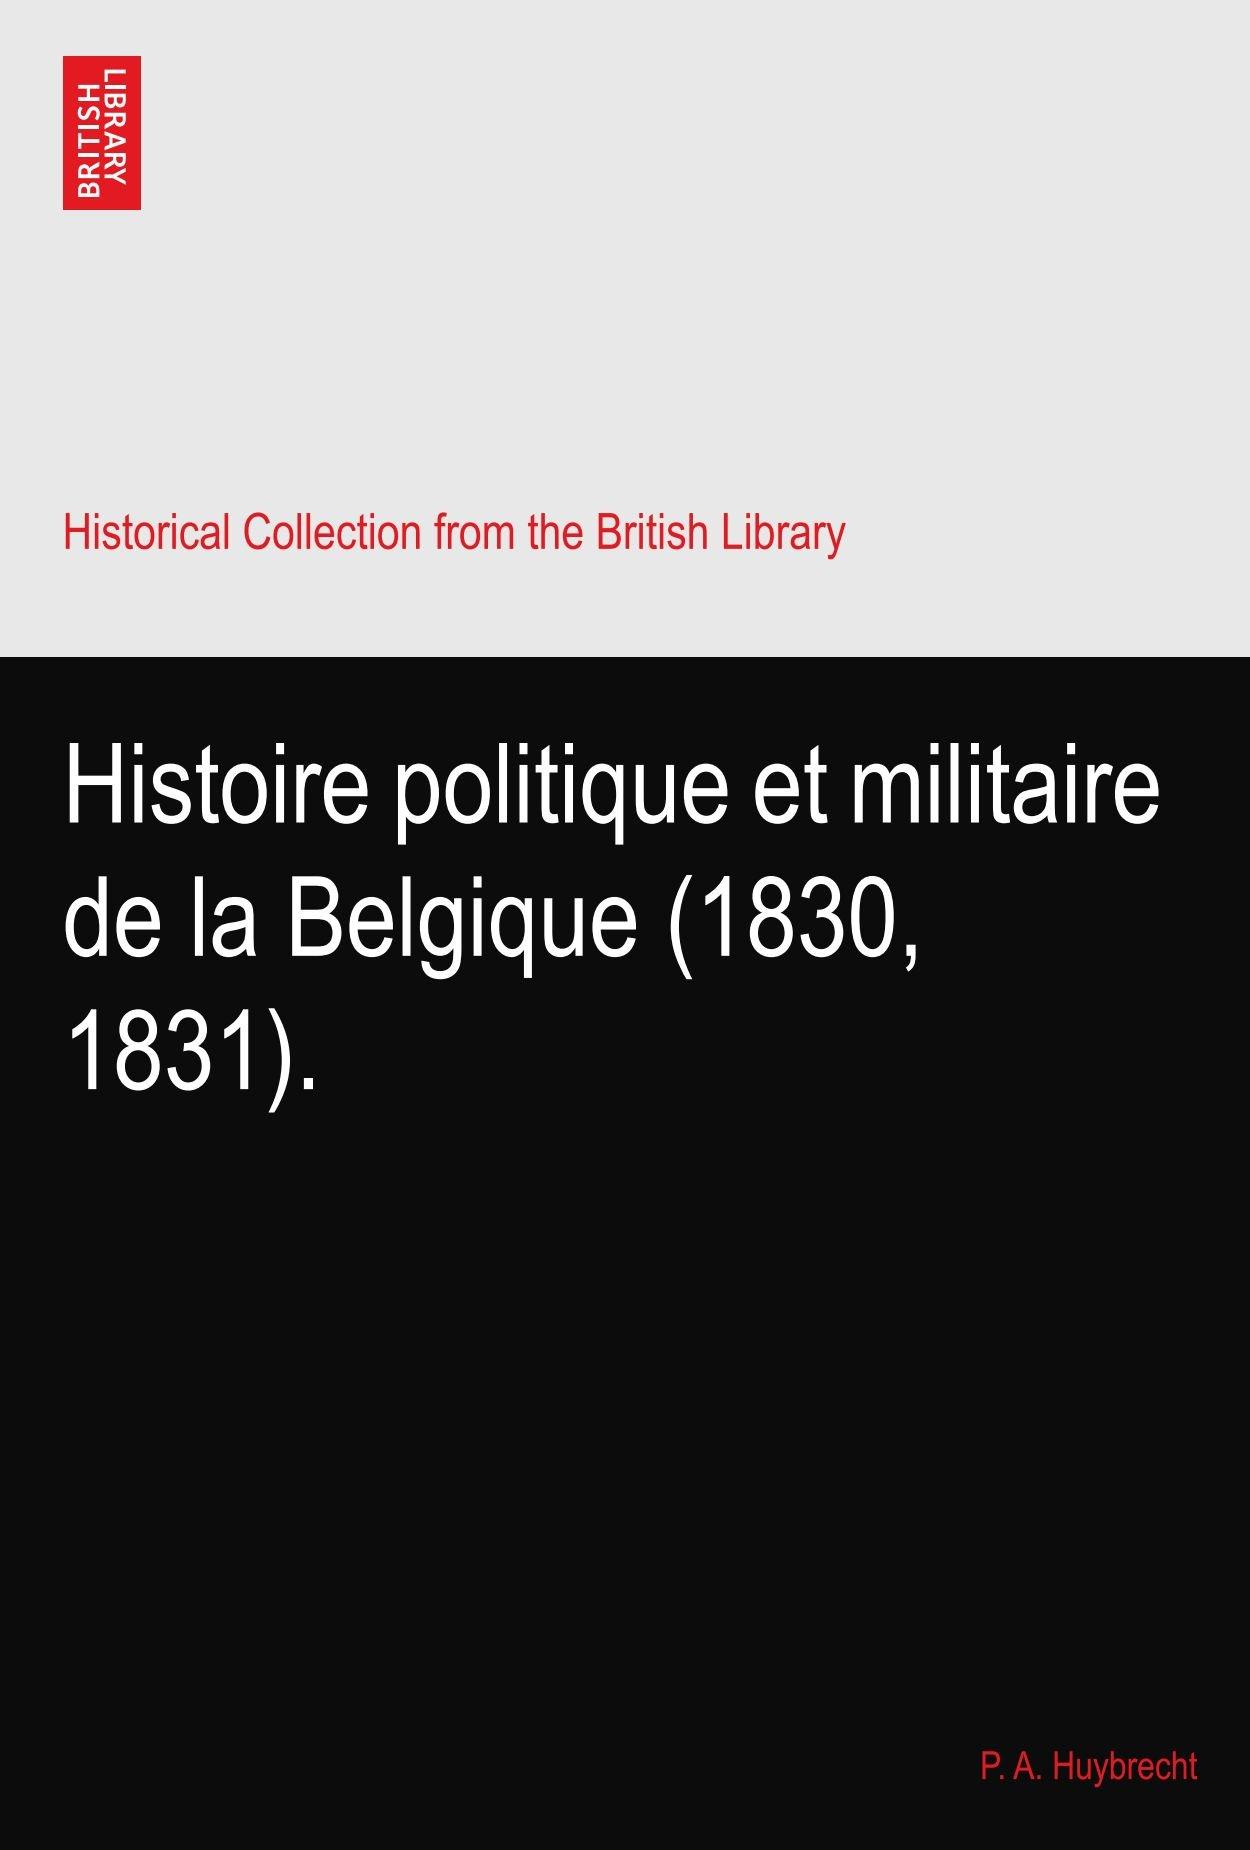 Histoire politique et militaire de la Belgique (1830, 1831).